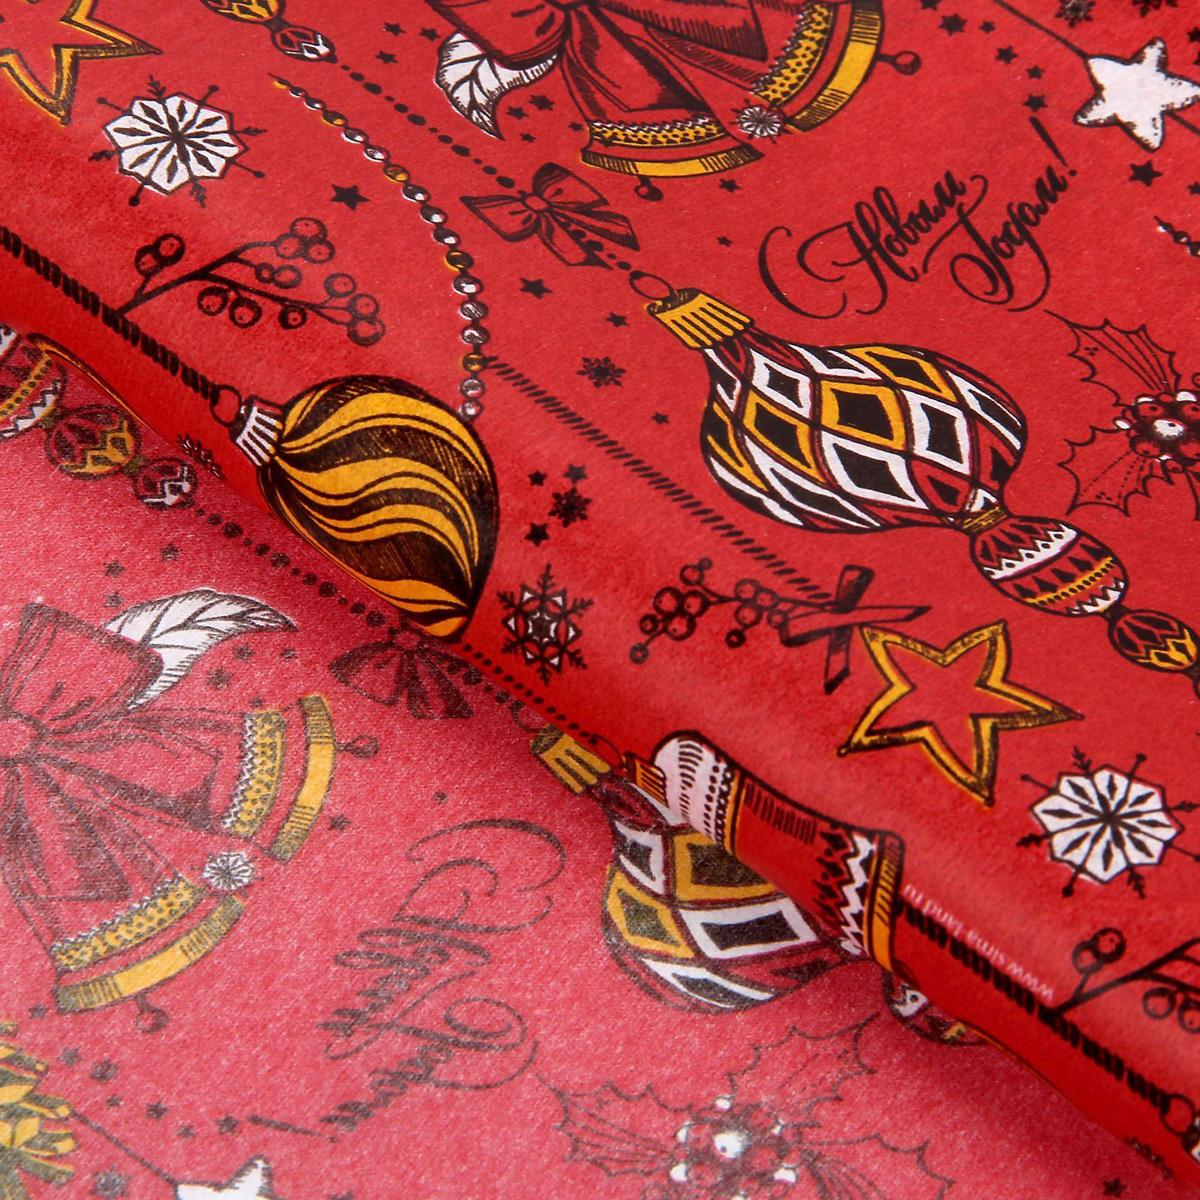 Бумага упаковочная Sima-land Яркий Новый Год, тишью, 50 х 70 см1386368Бумага упаковочная Sima-land - это стильный и модный тренд в декоре и упаковке. Она универсальна в оформлении любой продукции и подарка и сделает даже обычный презент заметным, приятным и стильным.